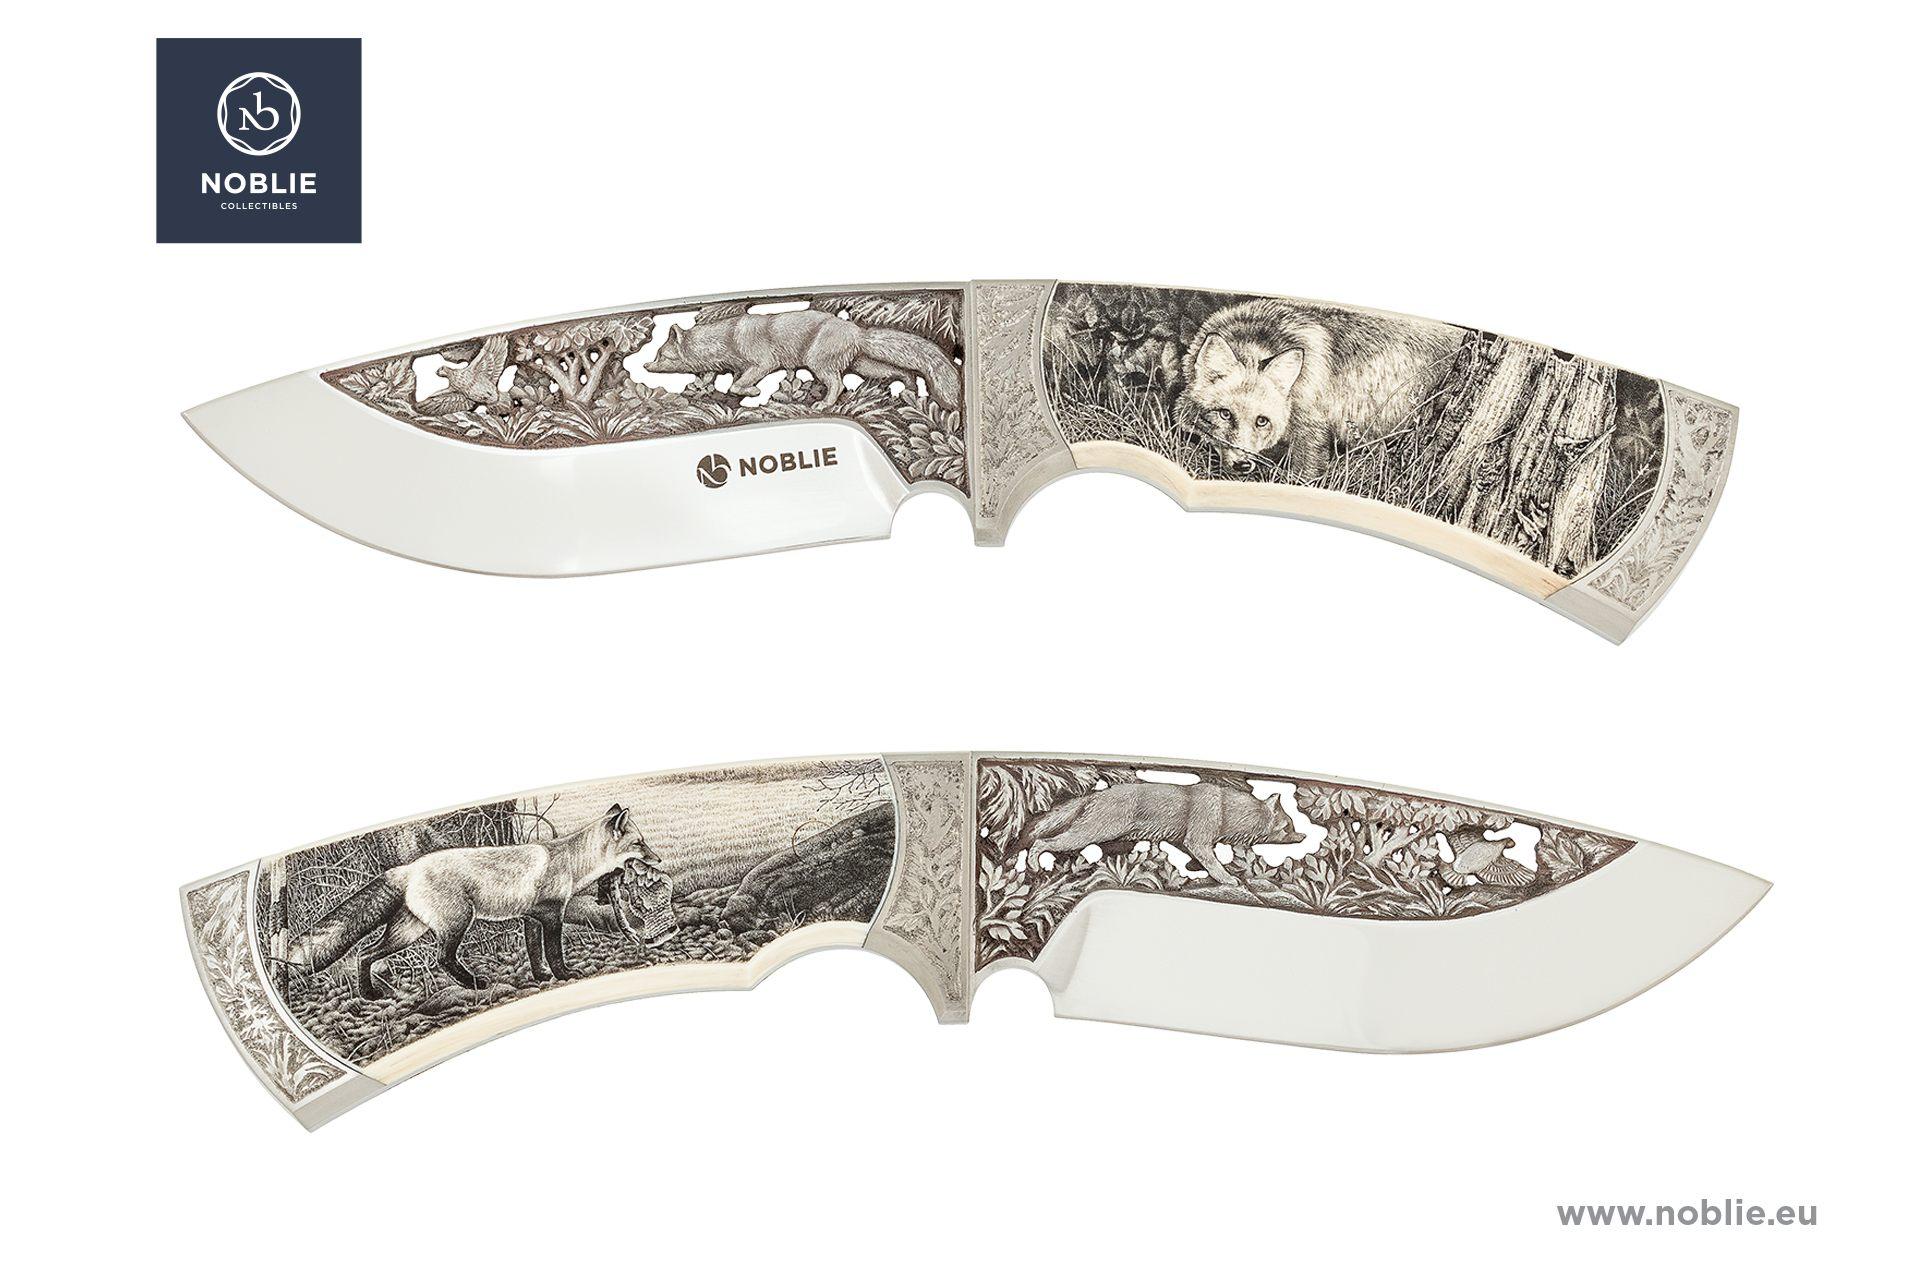 ART KNIFE OR POCKET ONE?